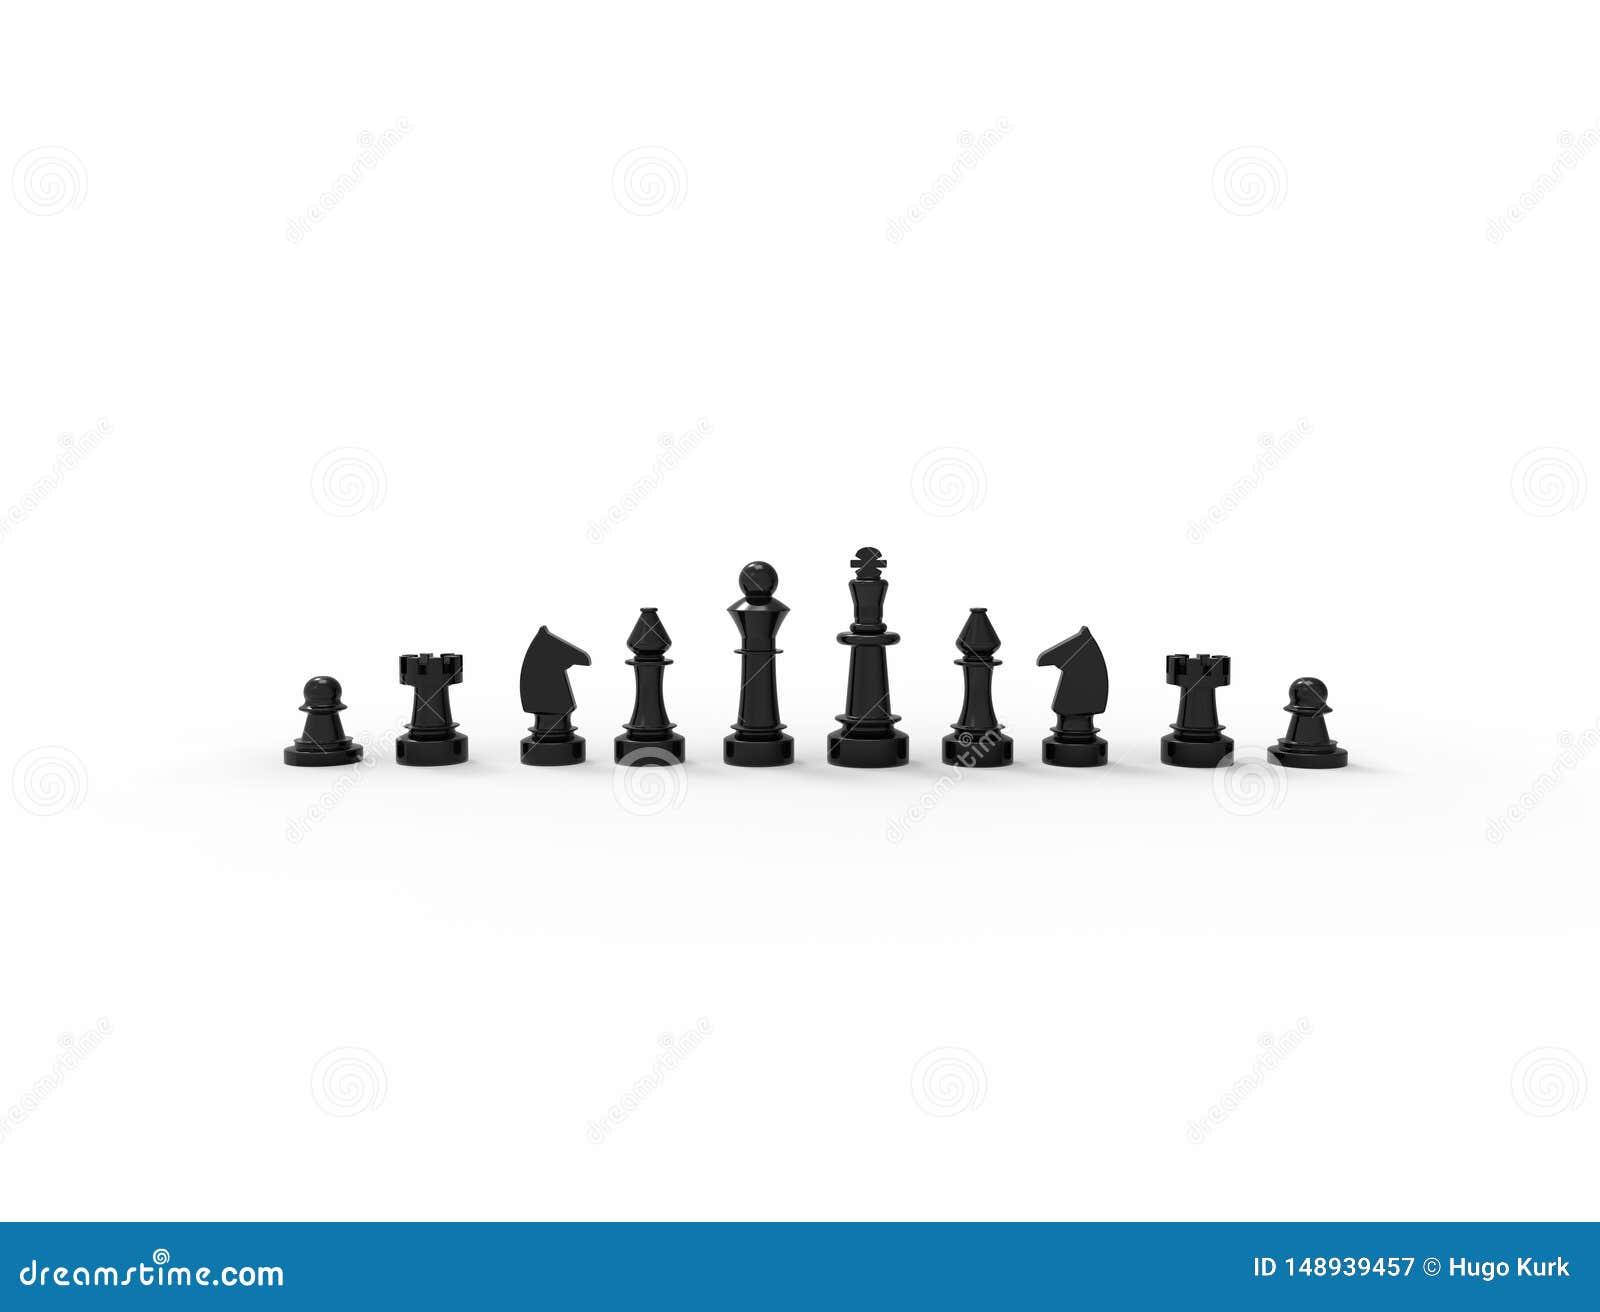 τρισδιάστατη απόδοση των μαύρων κομματιών σκακιού που απομονώνονται στο άσπρο υπόβαθρο